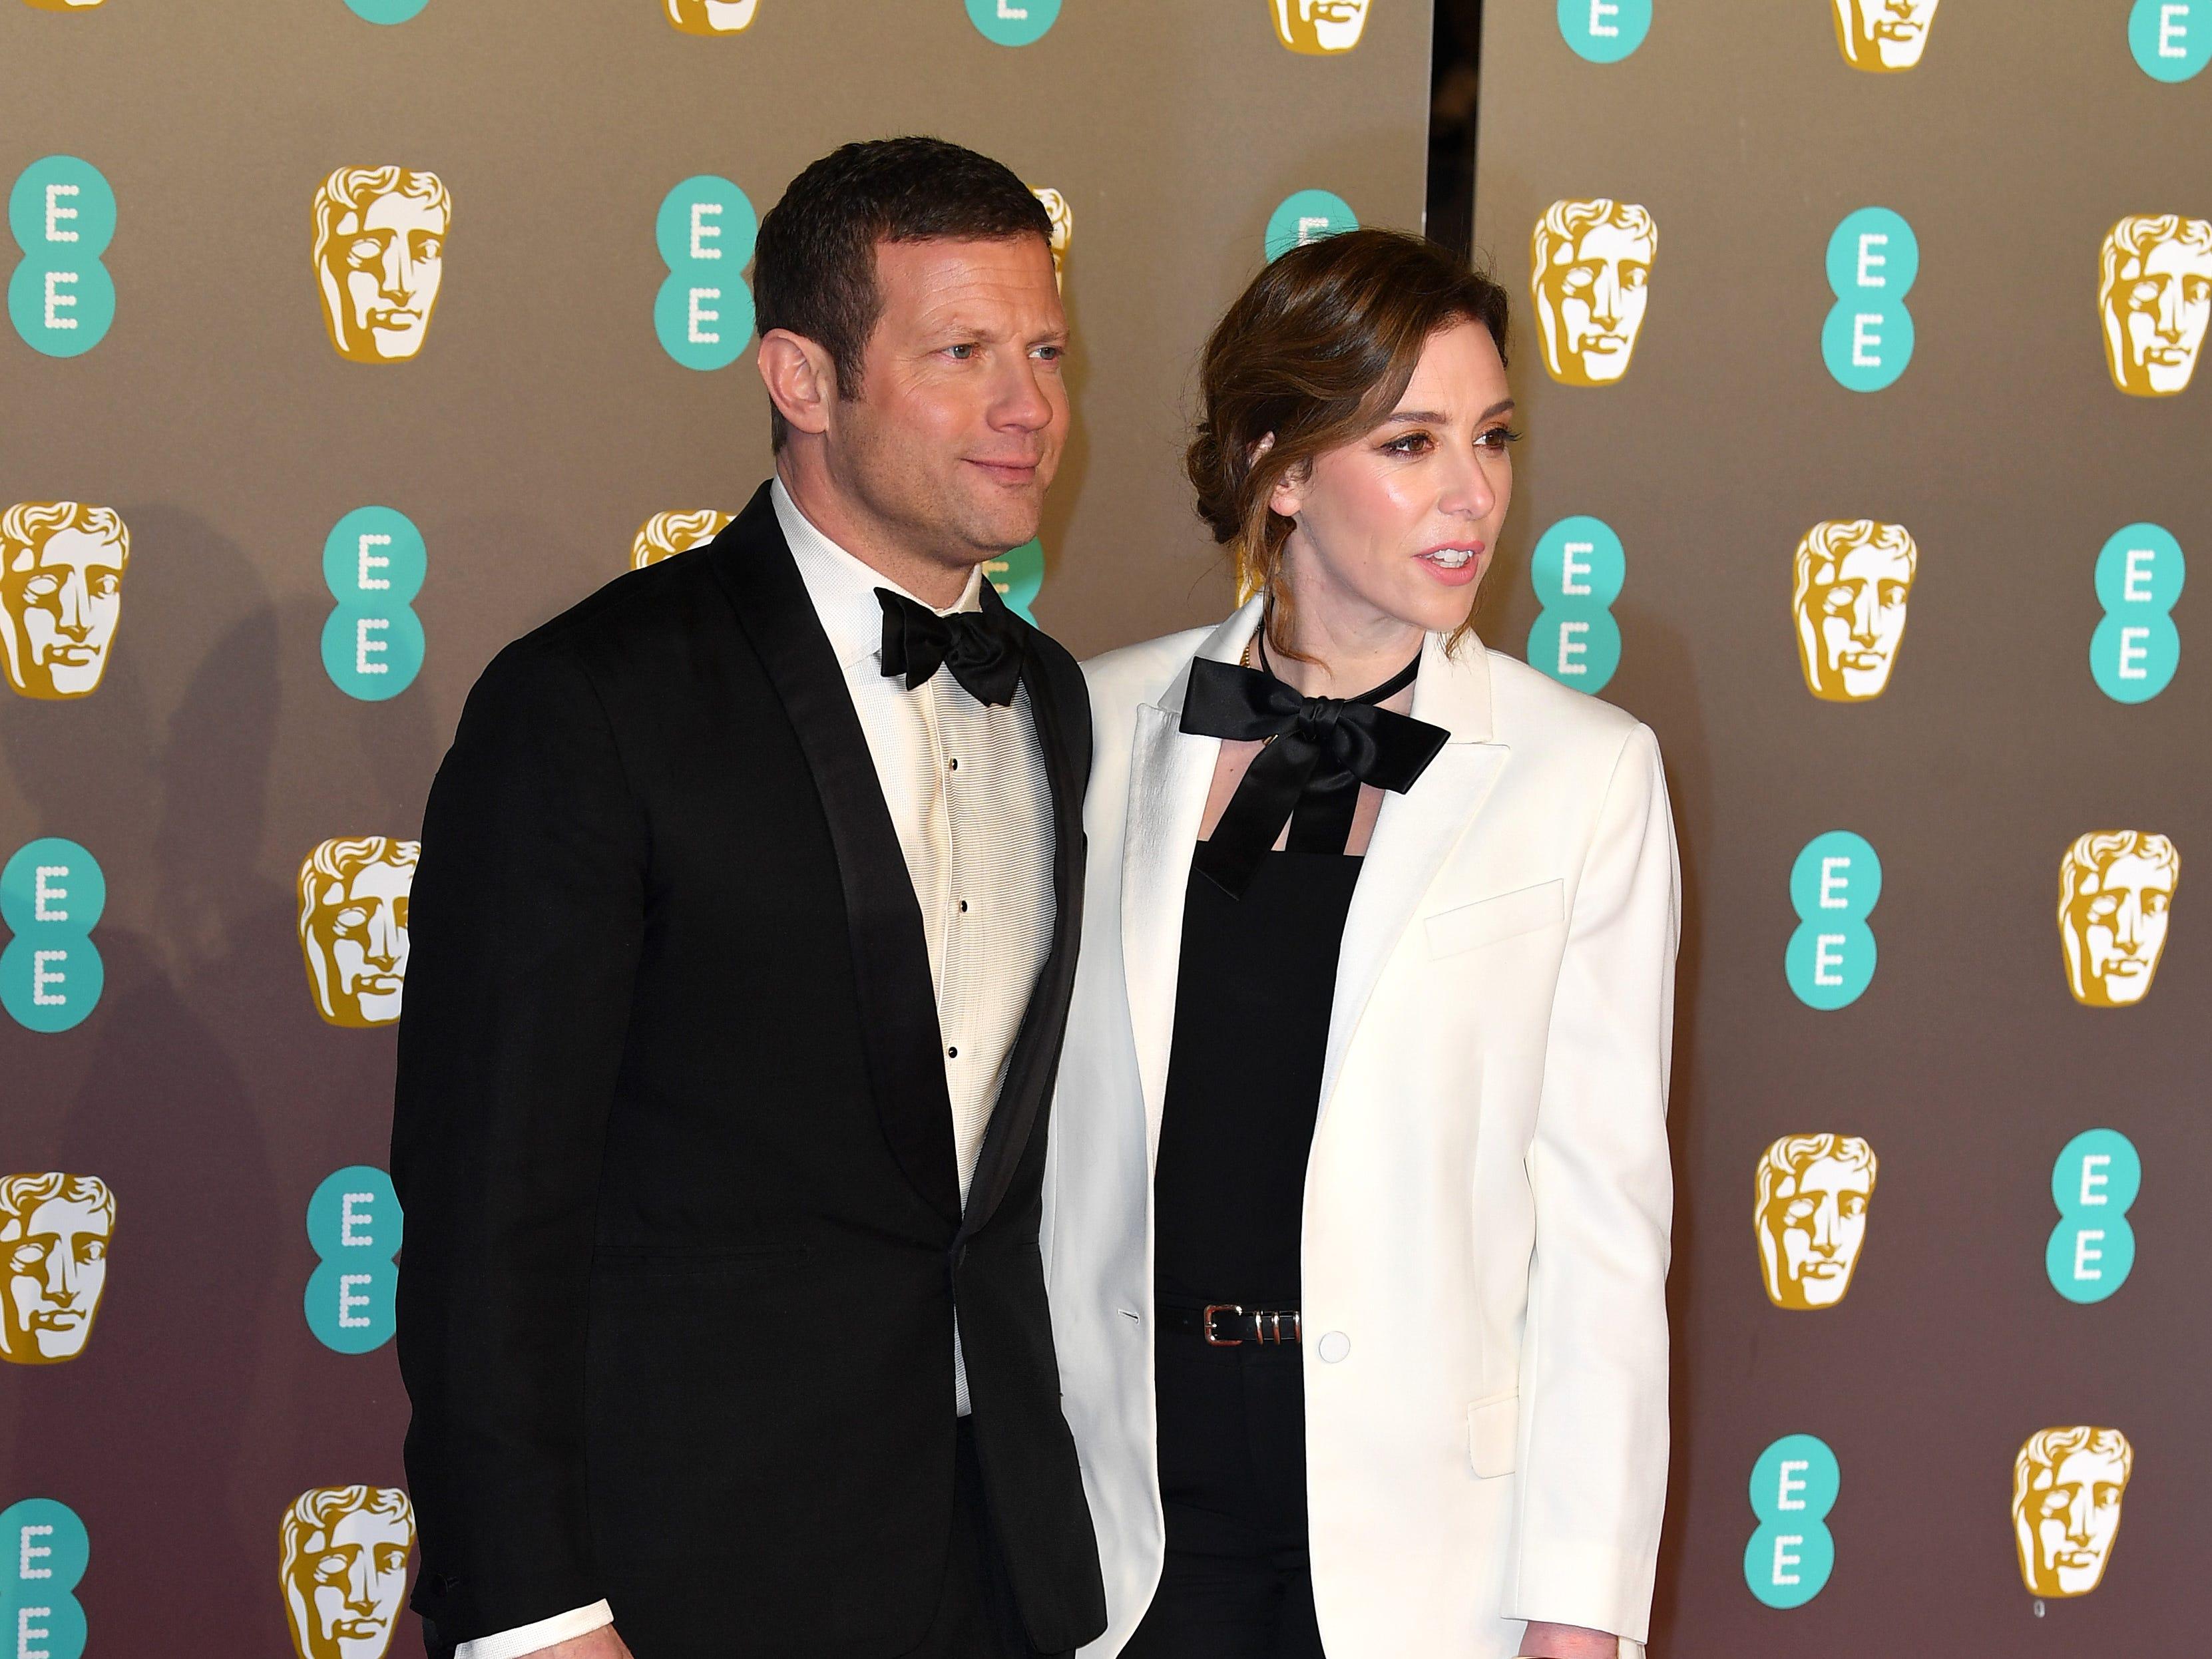 Dermot O'Leary (izq) y Dee Koppang a su llegada a la alfombra roja de los Premios de la Academia Británica de Cine BAFTA en el Royal Albert Hall en Londres el 10 de febrero de 2019.